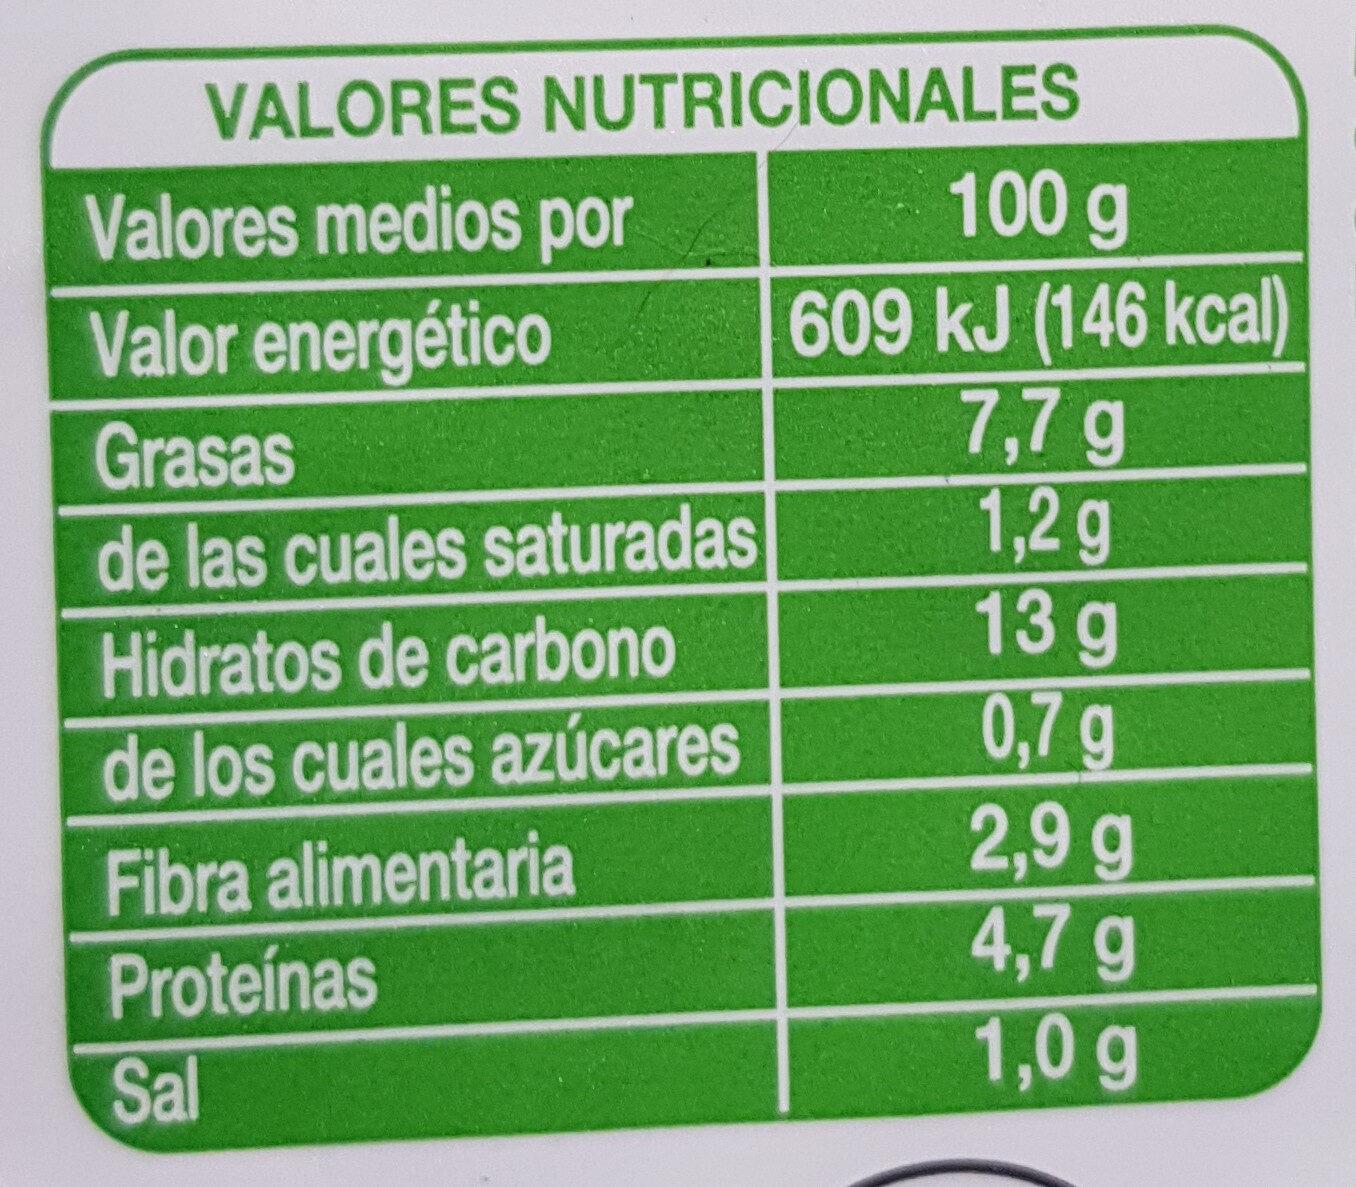 Tortilla de patata - Información nutricional